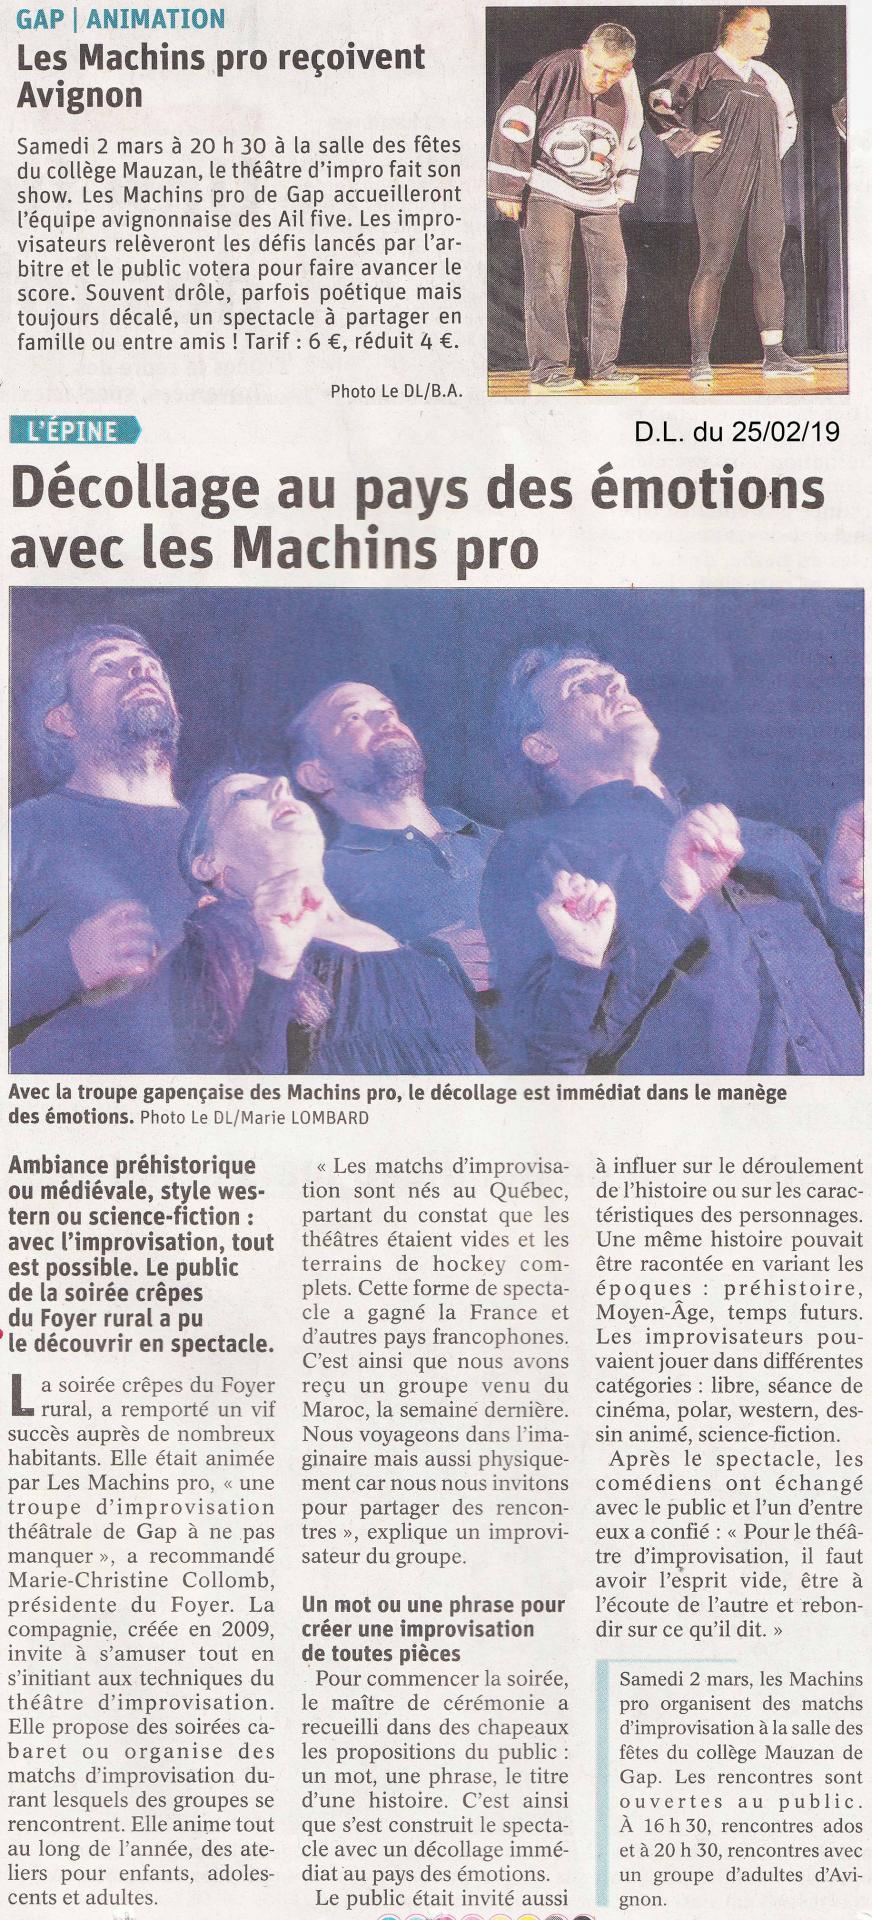 Article l'Epine + Avignon (25 Fév. 2019)